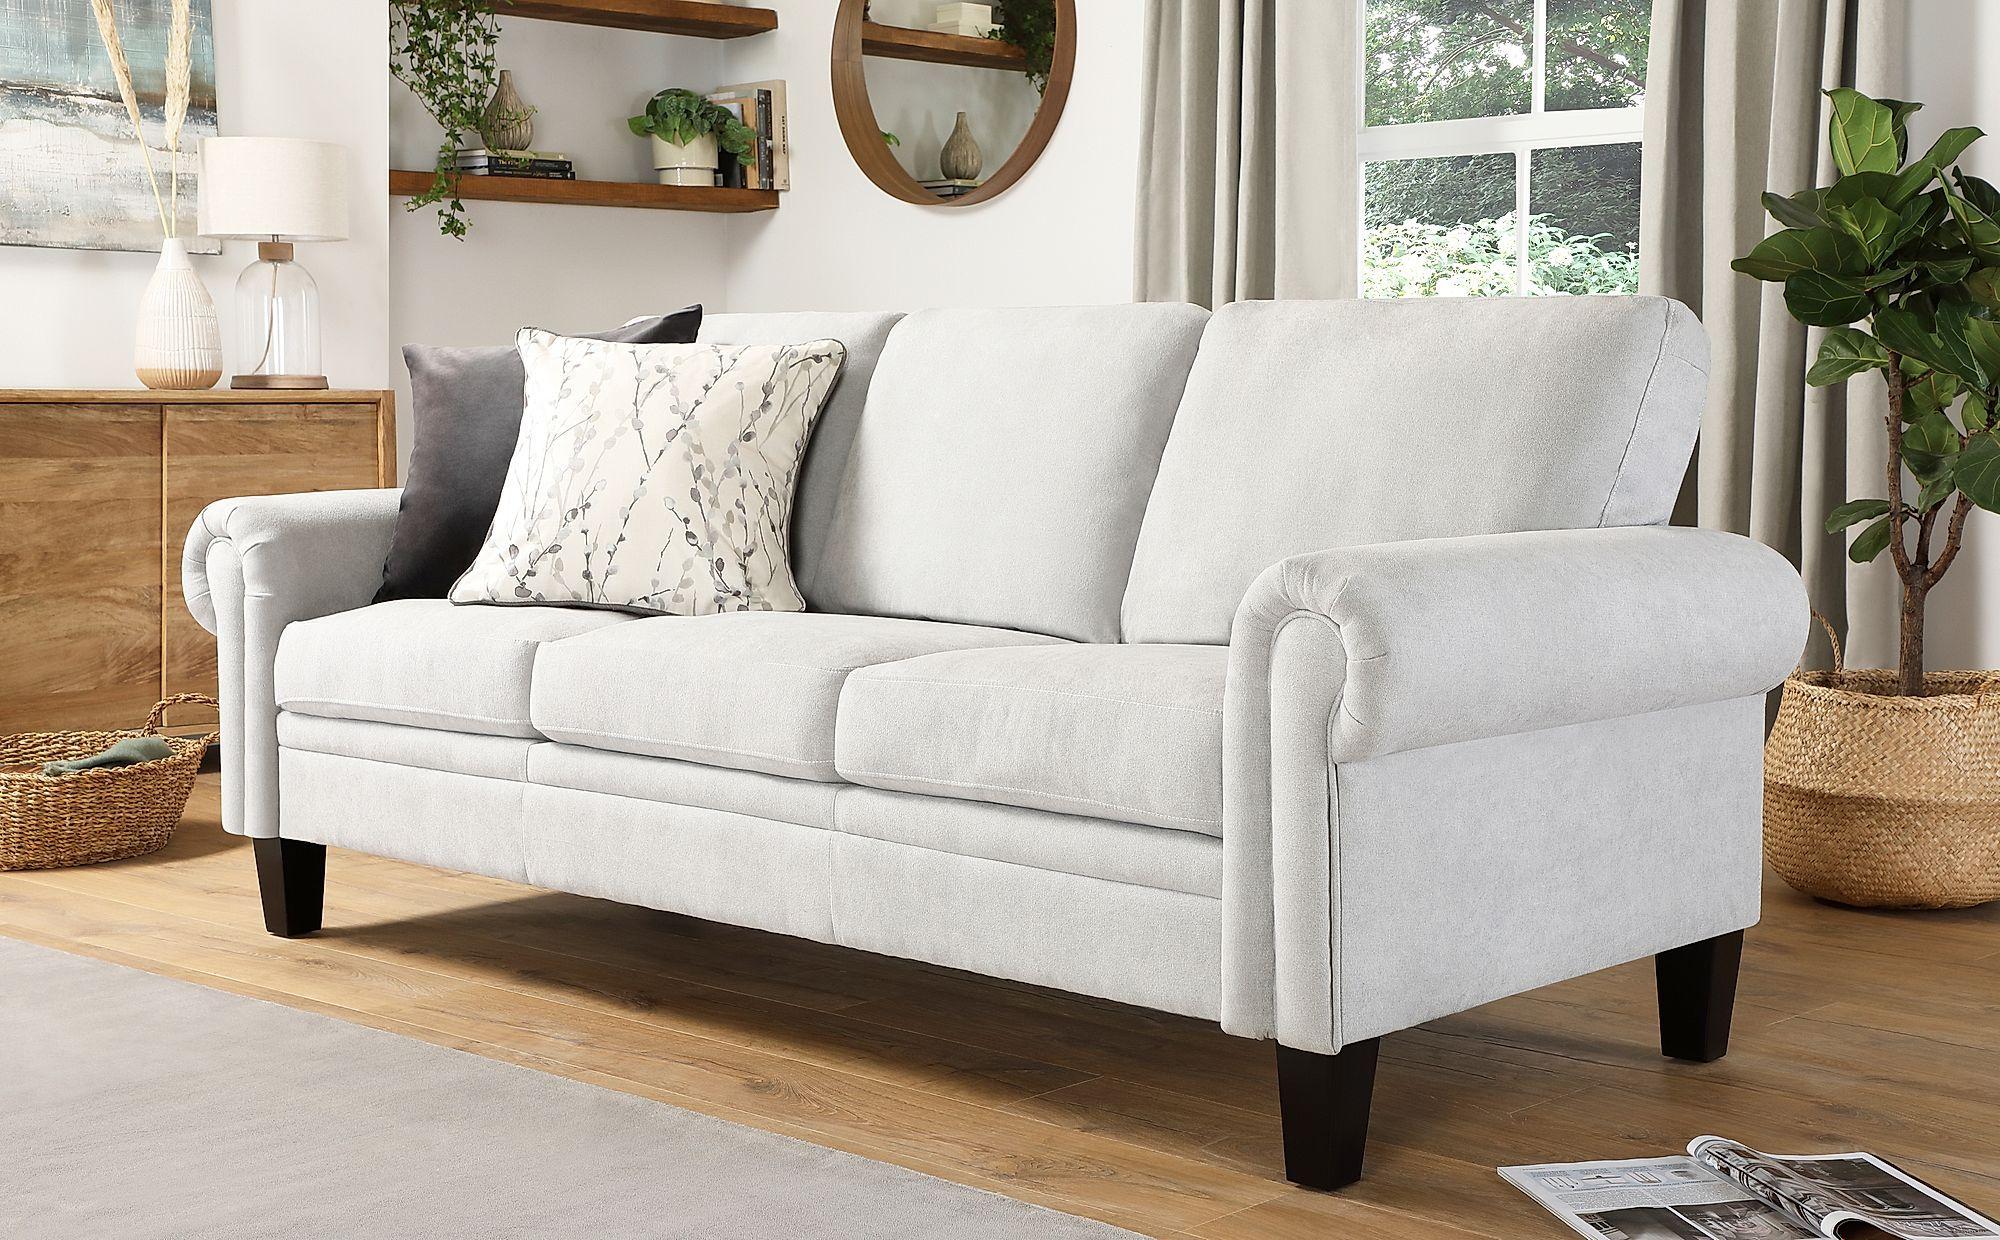 Oakley Dove Grey Plush Fabric 3 Seater Sofa 3 Seater Sofa Sofa Furniture Sofa